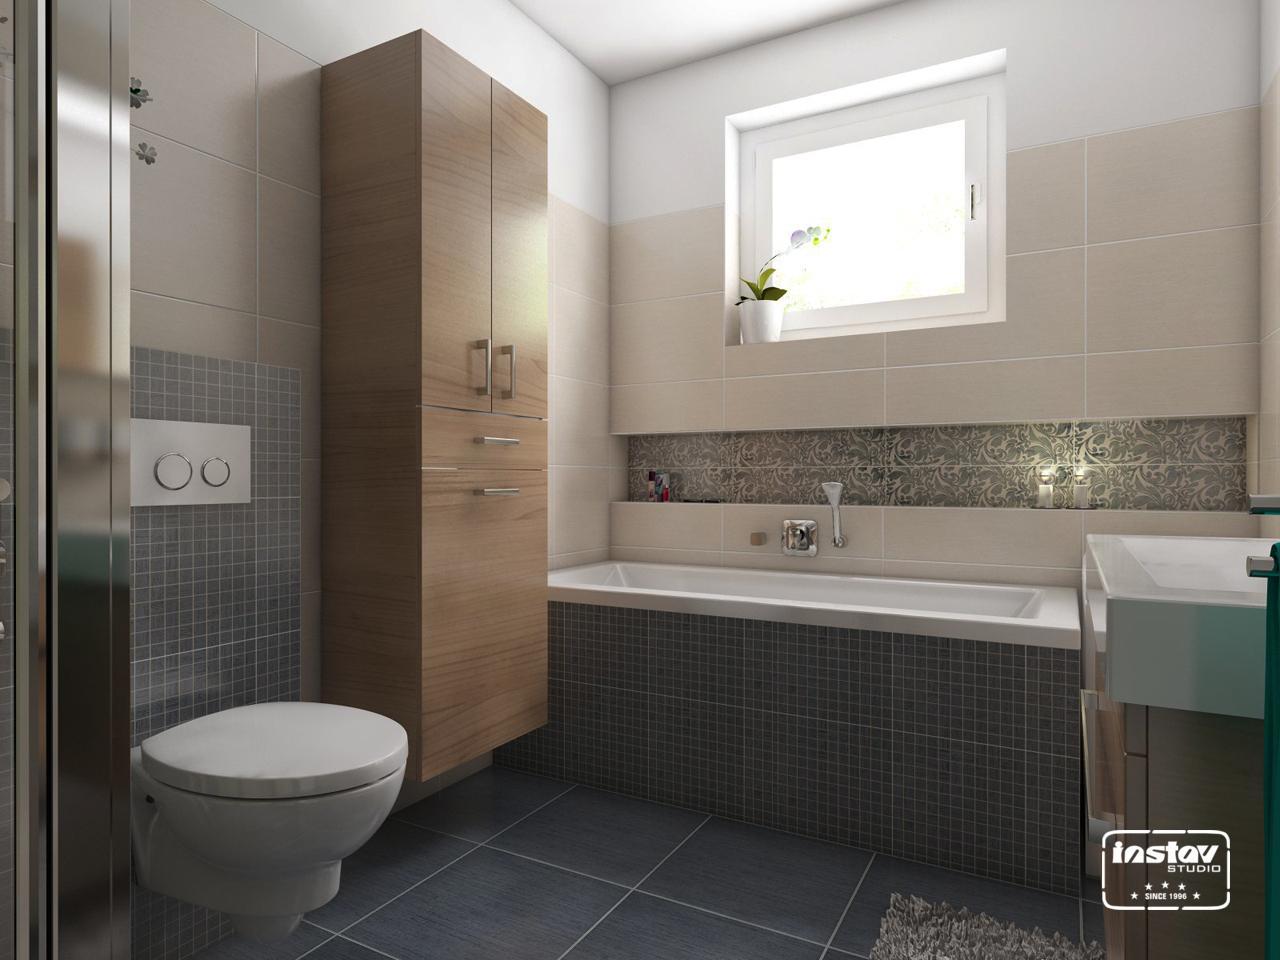 Vizualizácie kúpeľní - Vizualizácia kúpeľne - Elegant